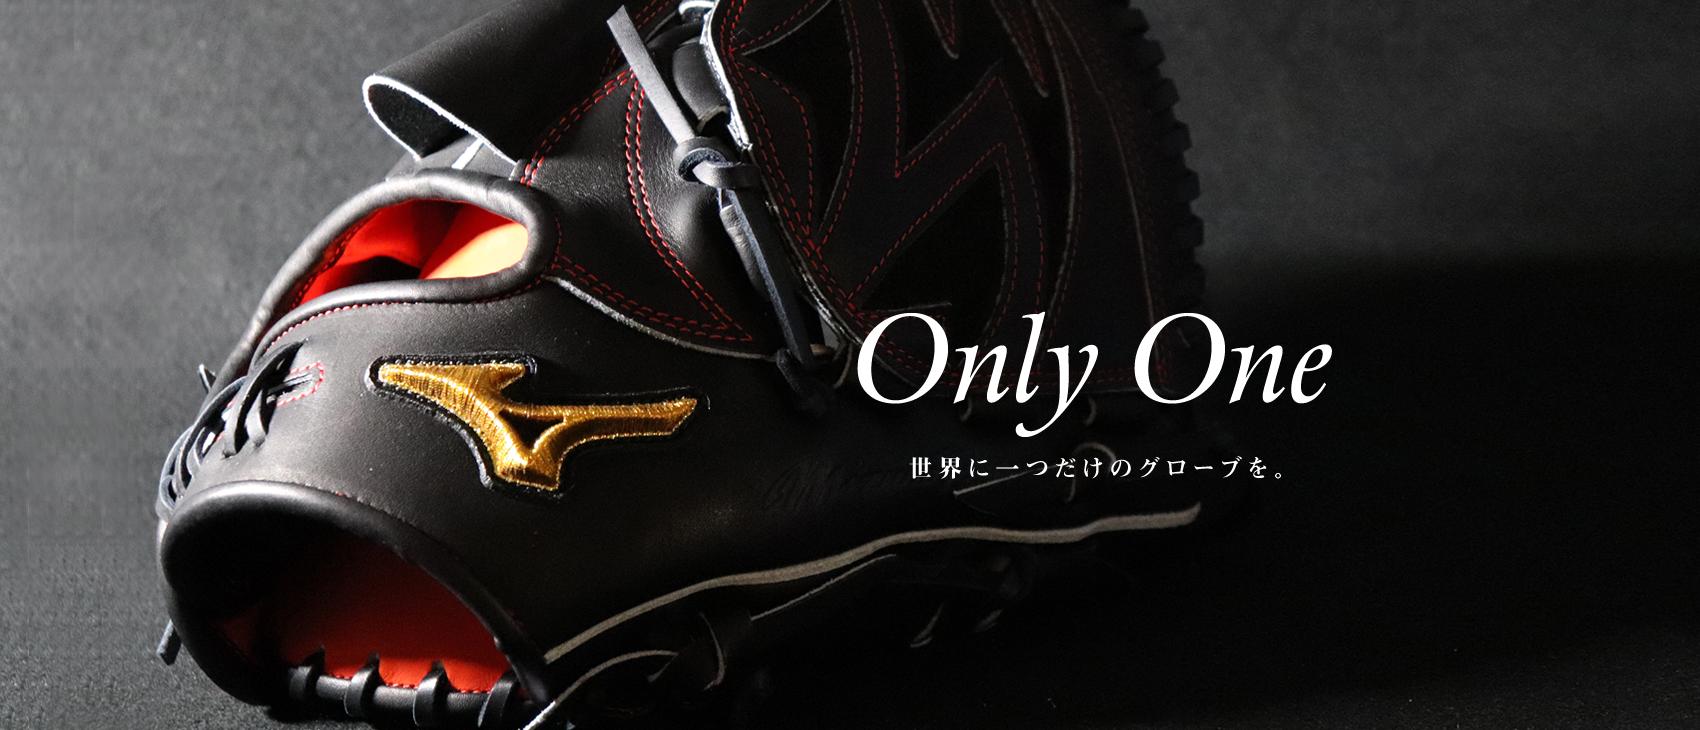 オーダーグローブ専門店 野球館  Only One 世界に一つだけのグローブを。